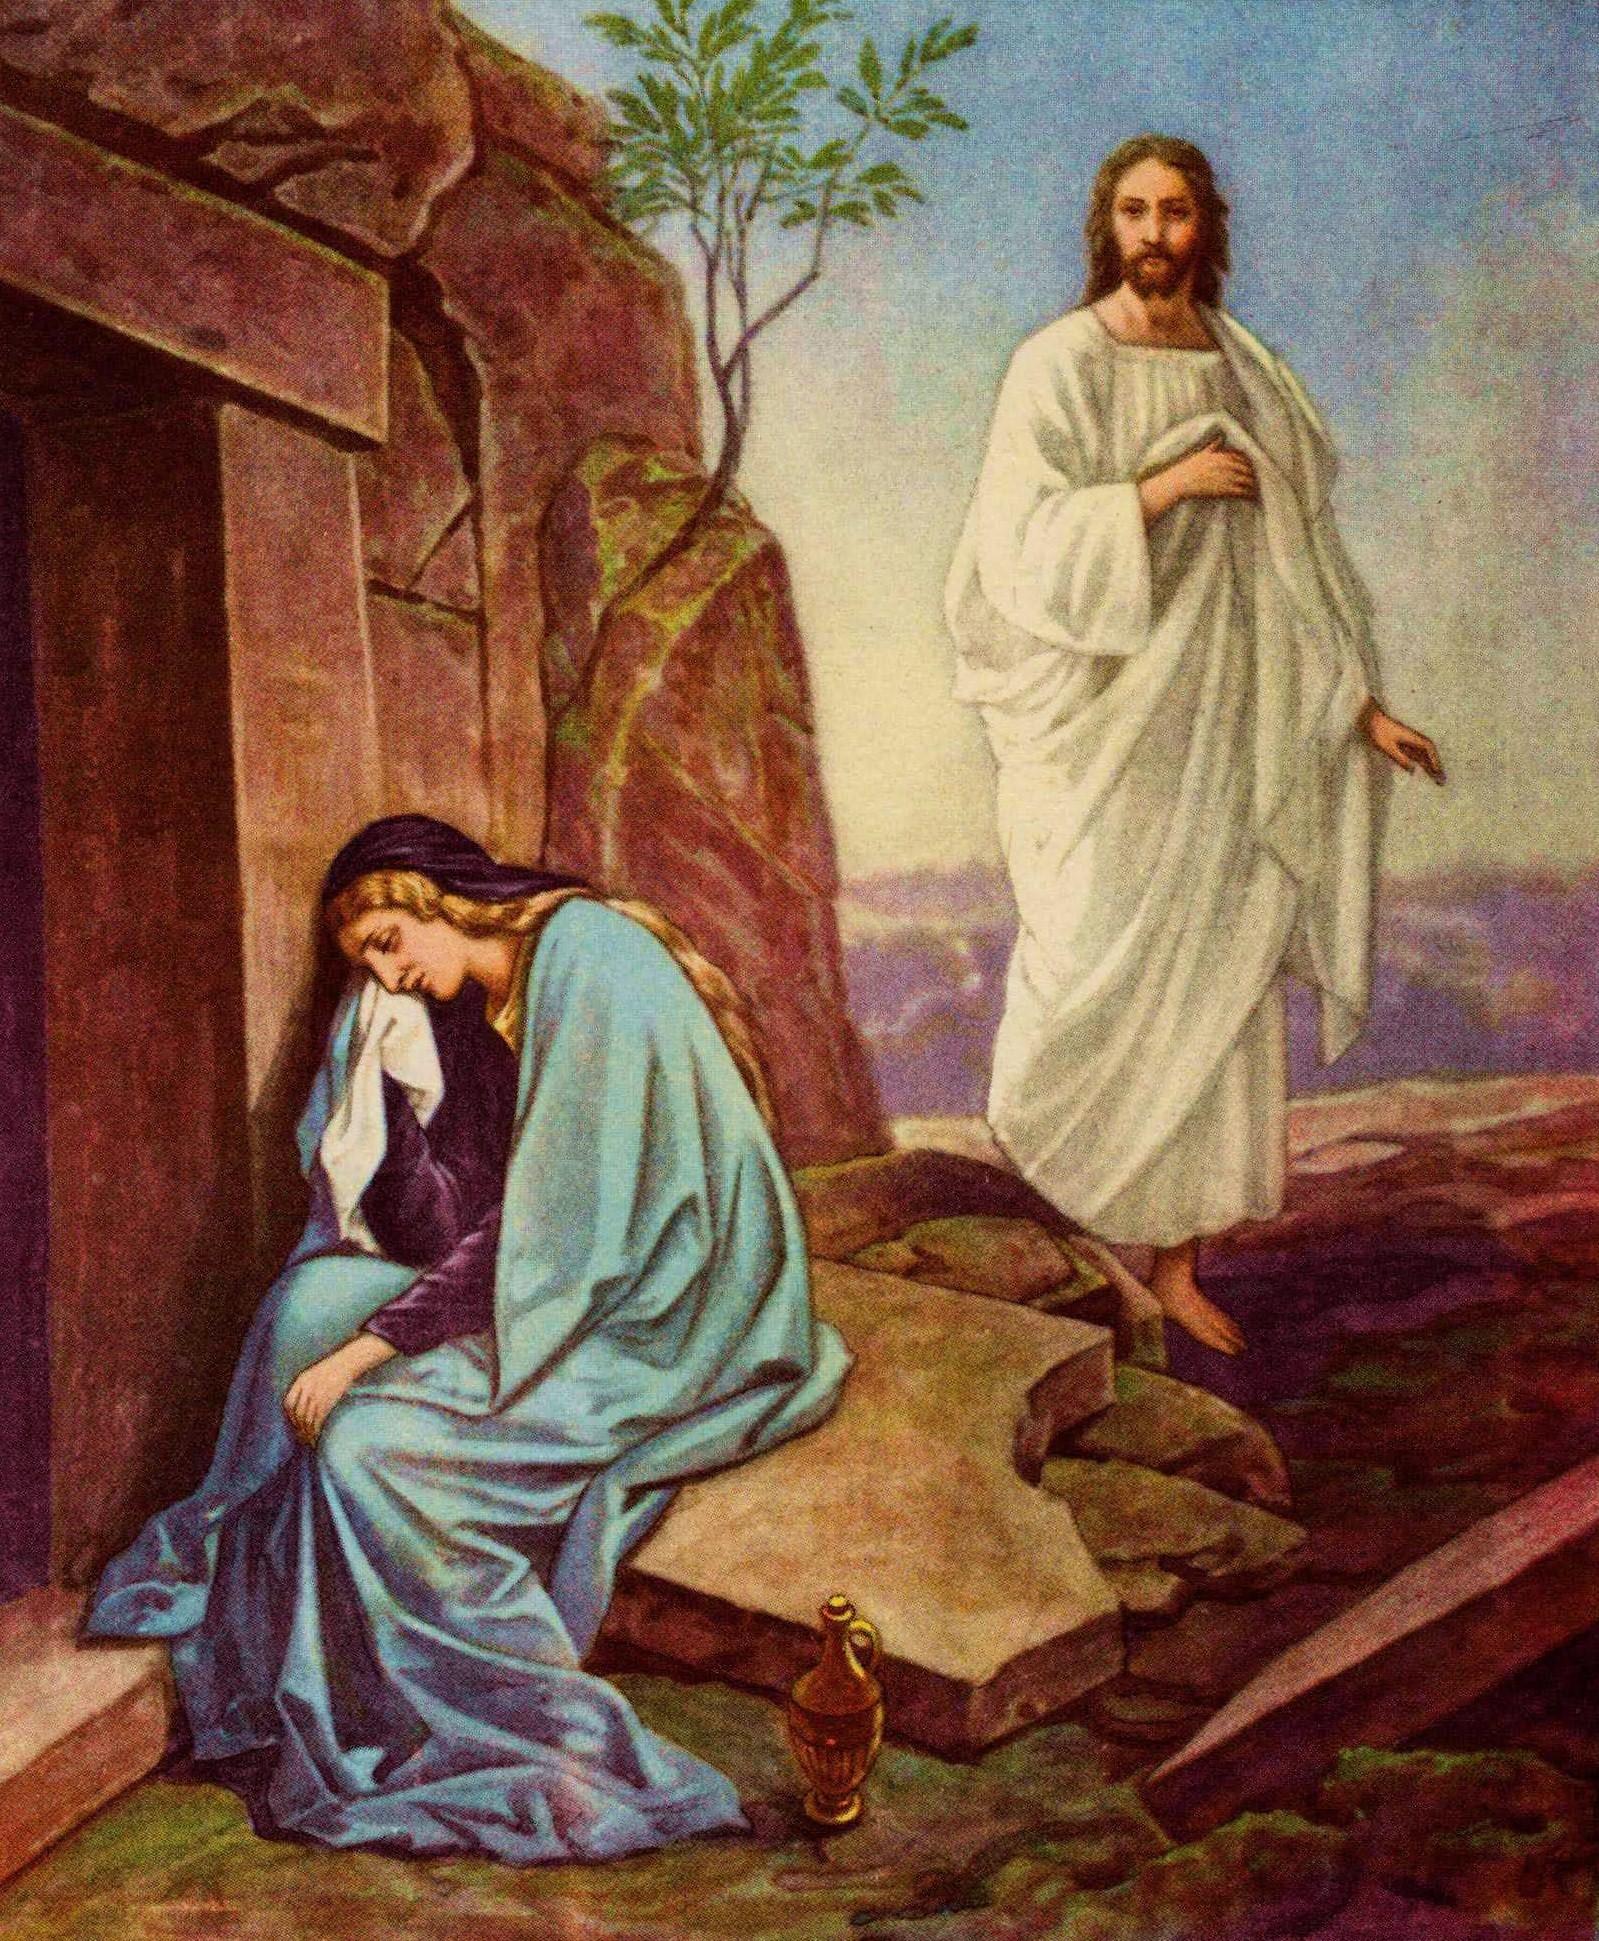 Peinture représentant Marie de Magdala et la résurrection de Jésus-Christ.